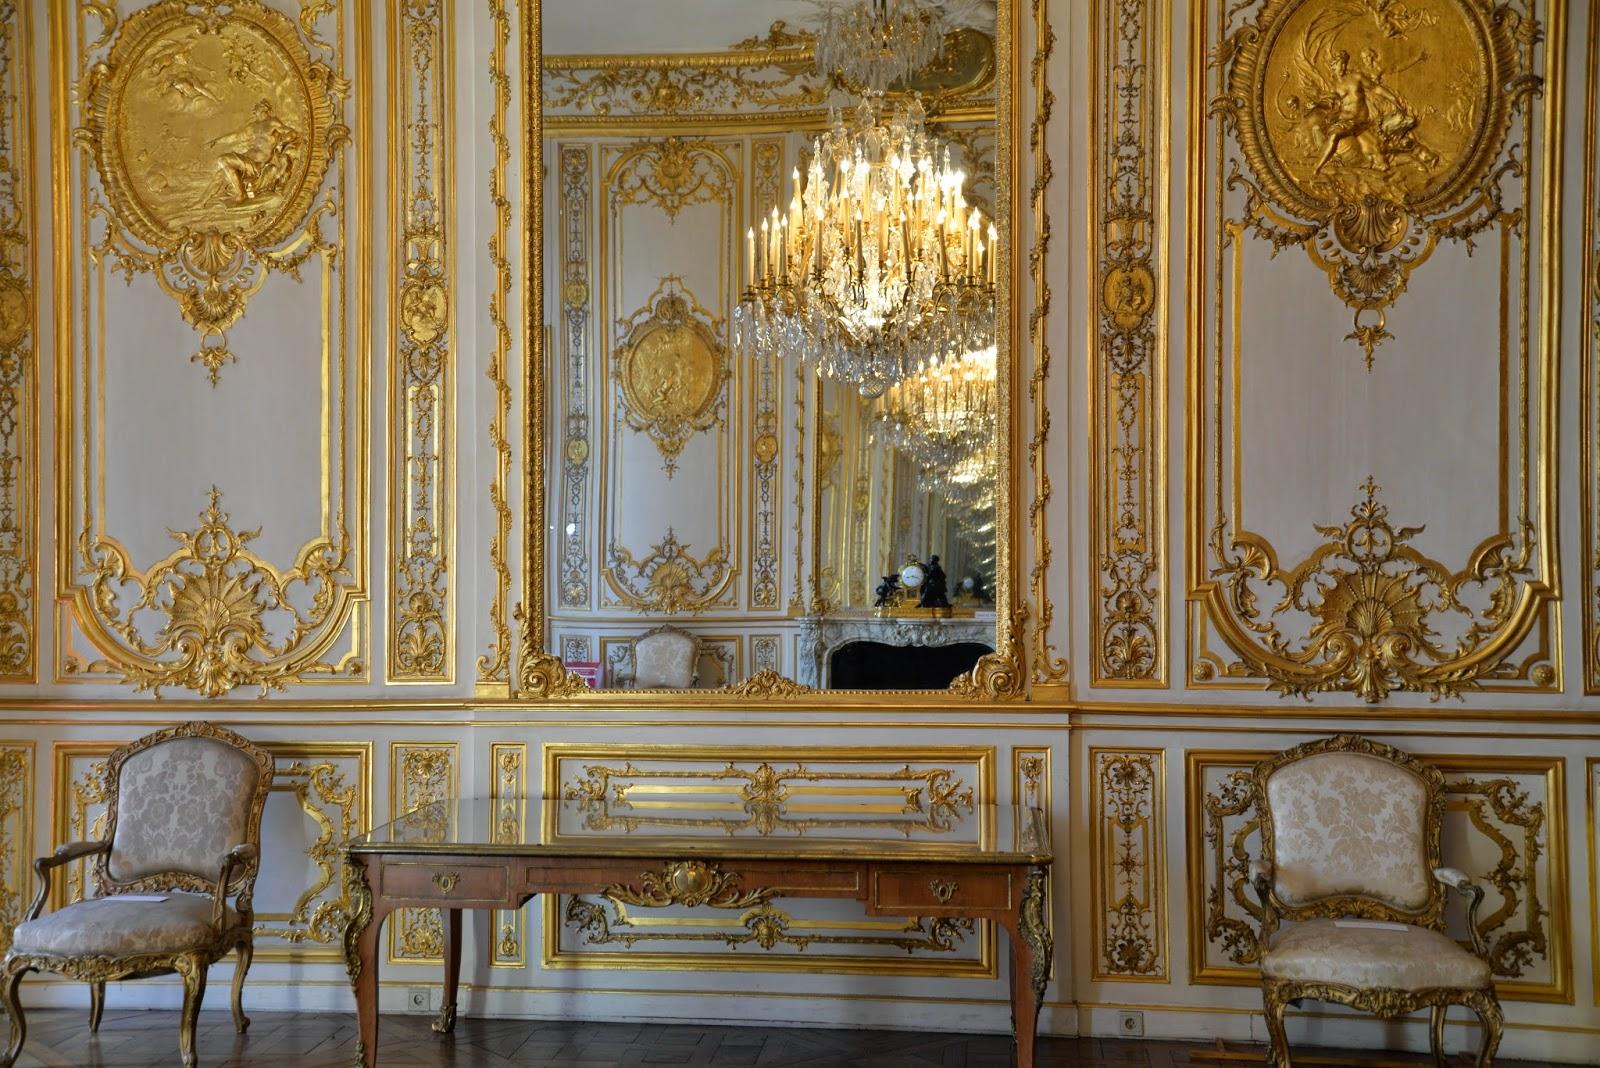 Cubo et excubo hotel de soubise paris for Salon de locks paris